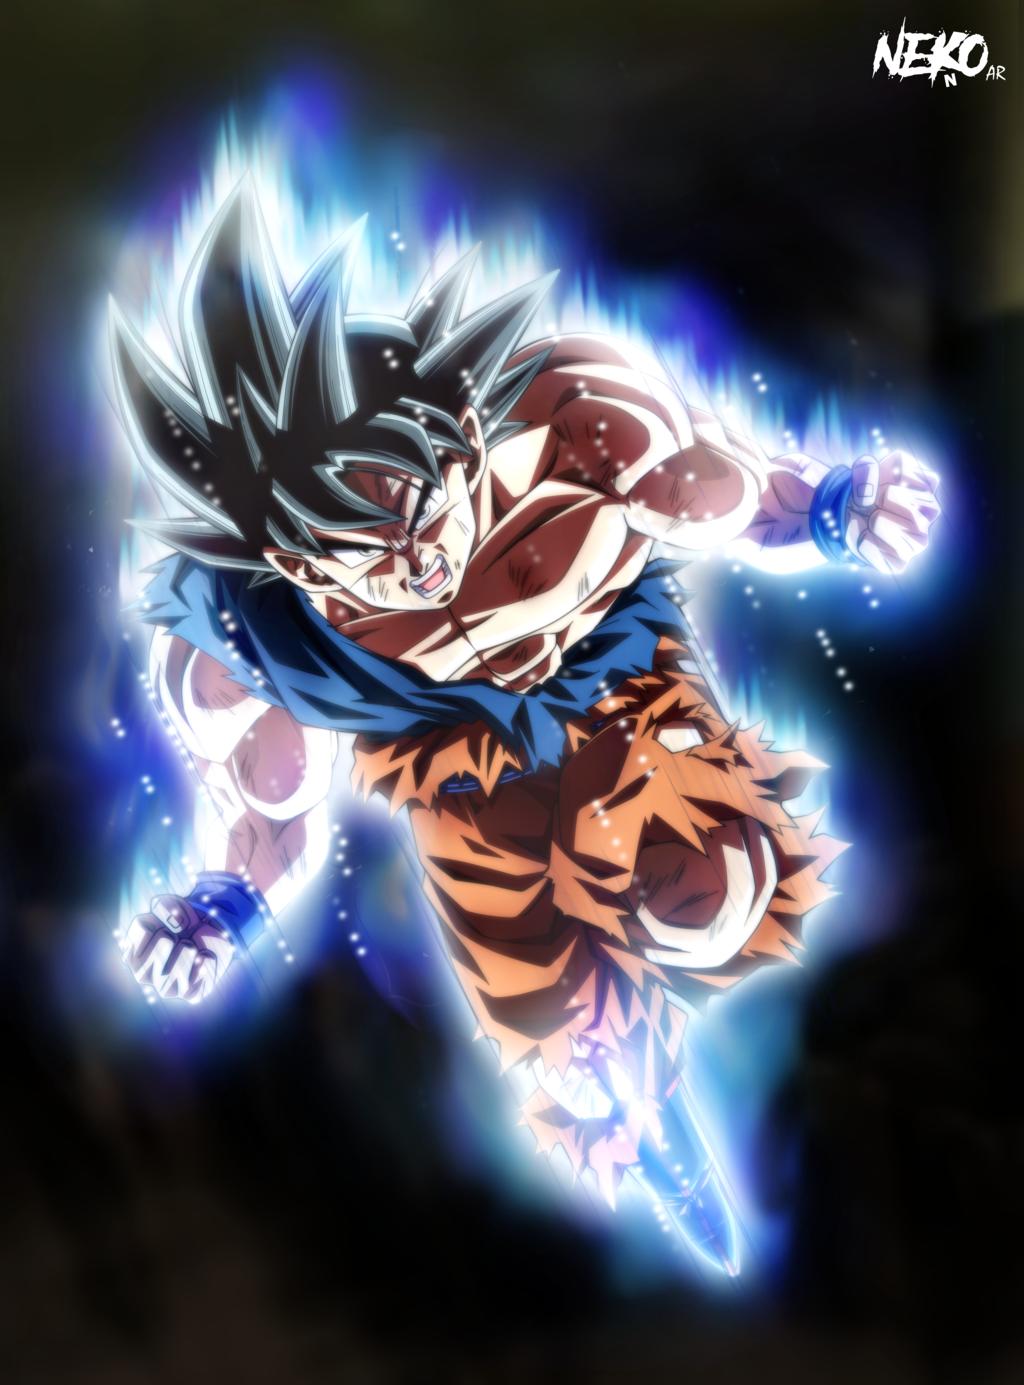 Ultra Instinct Goku wtf by NekoAR on DeviantArt